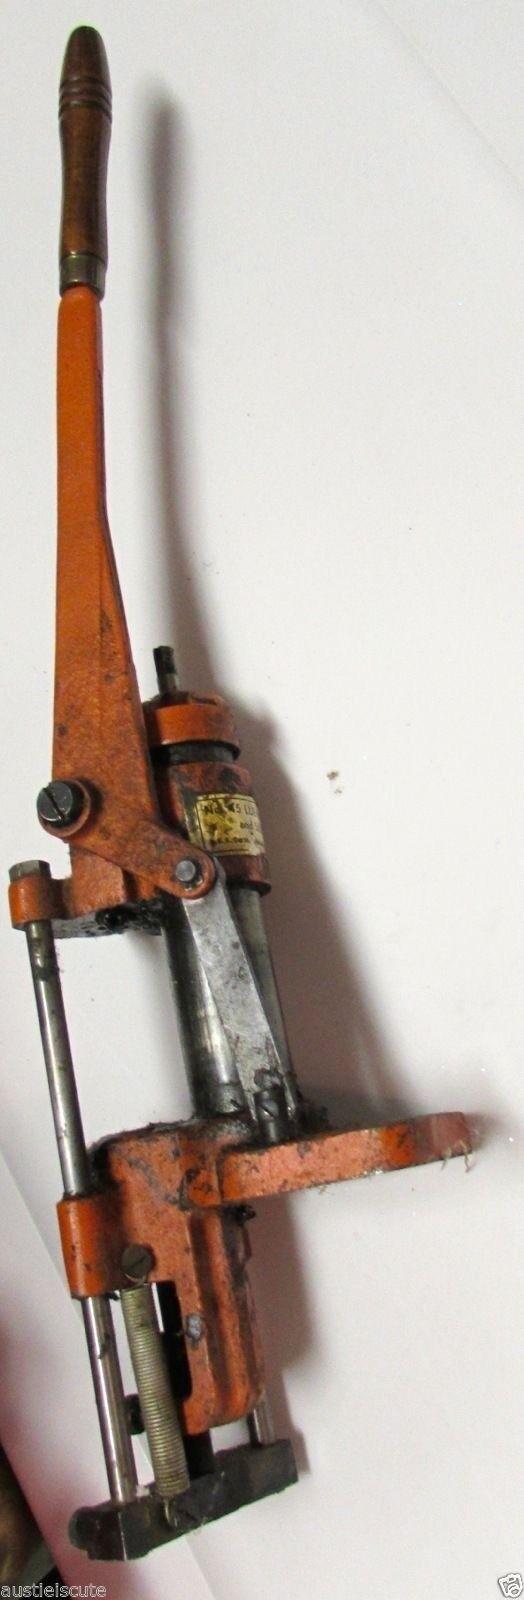 Lyman 45 bala lubricador Tallar Luber Fundido bala gas cheque Ideal lubriTallar